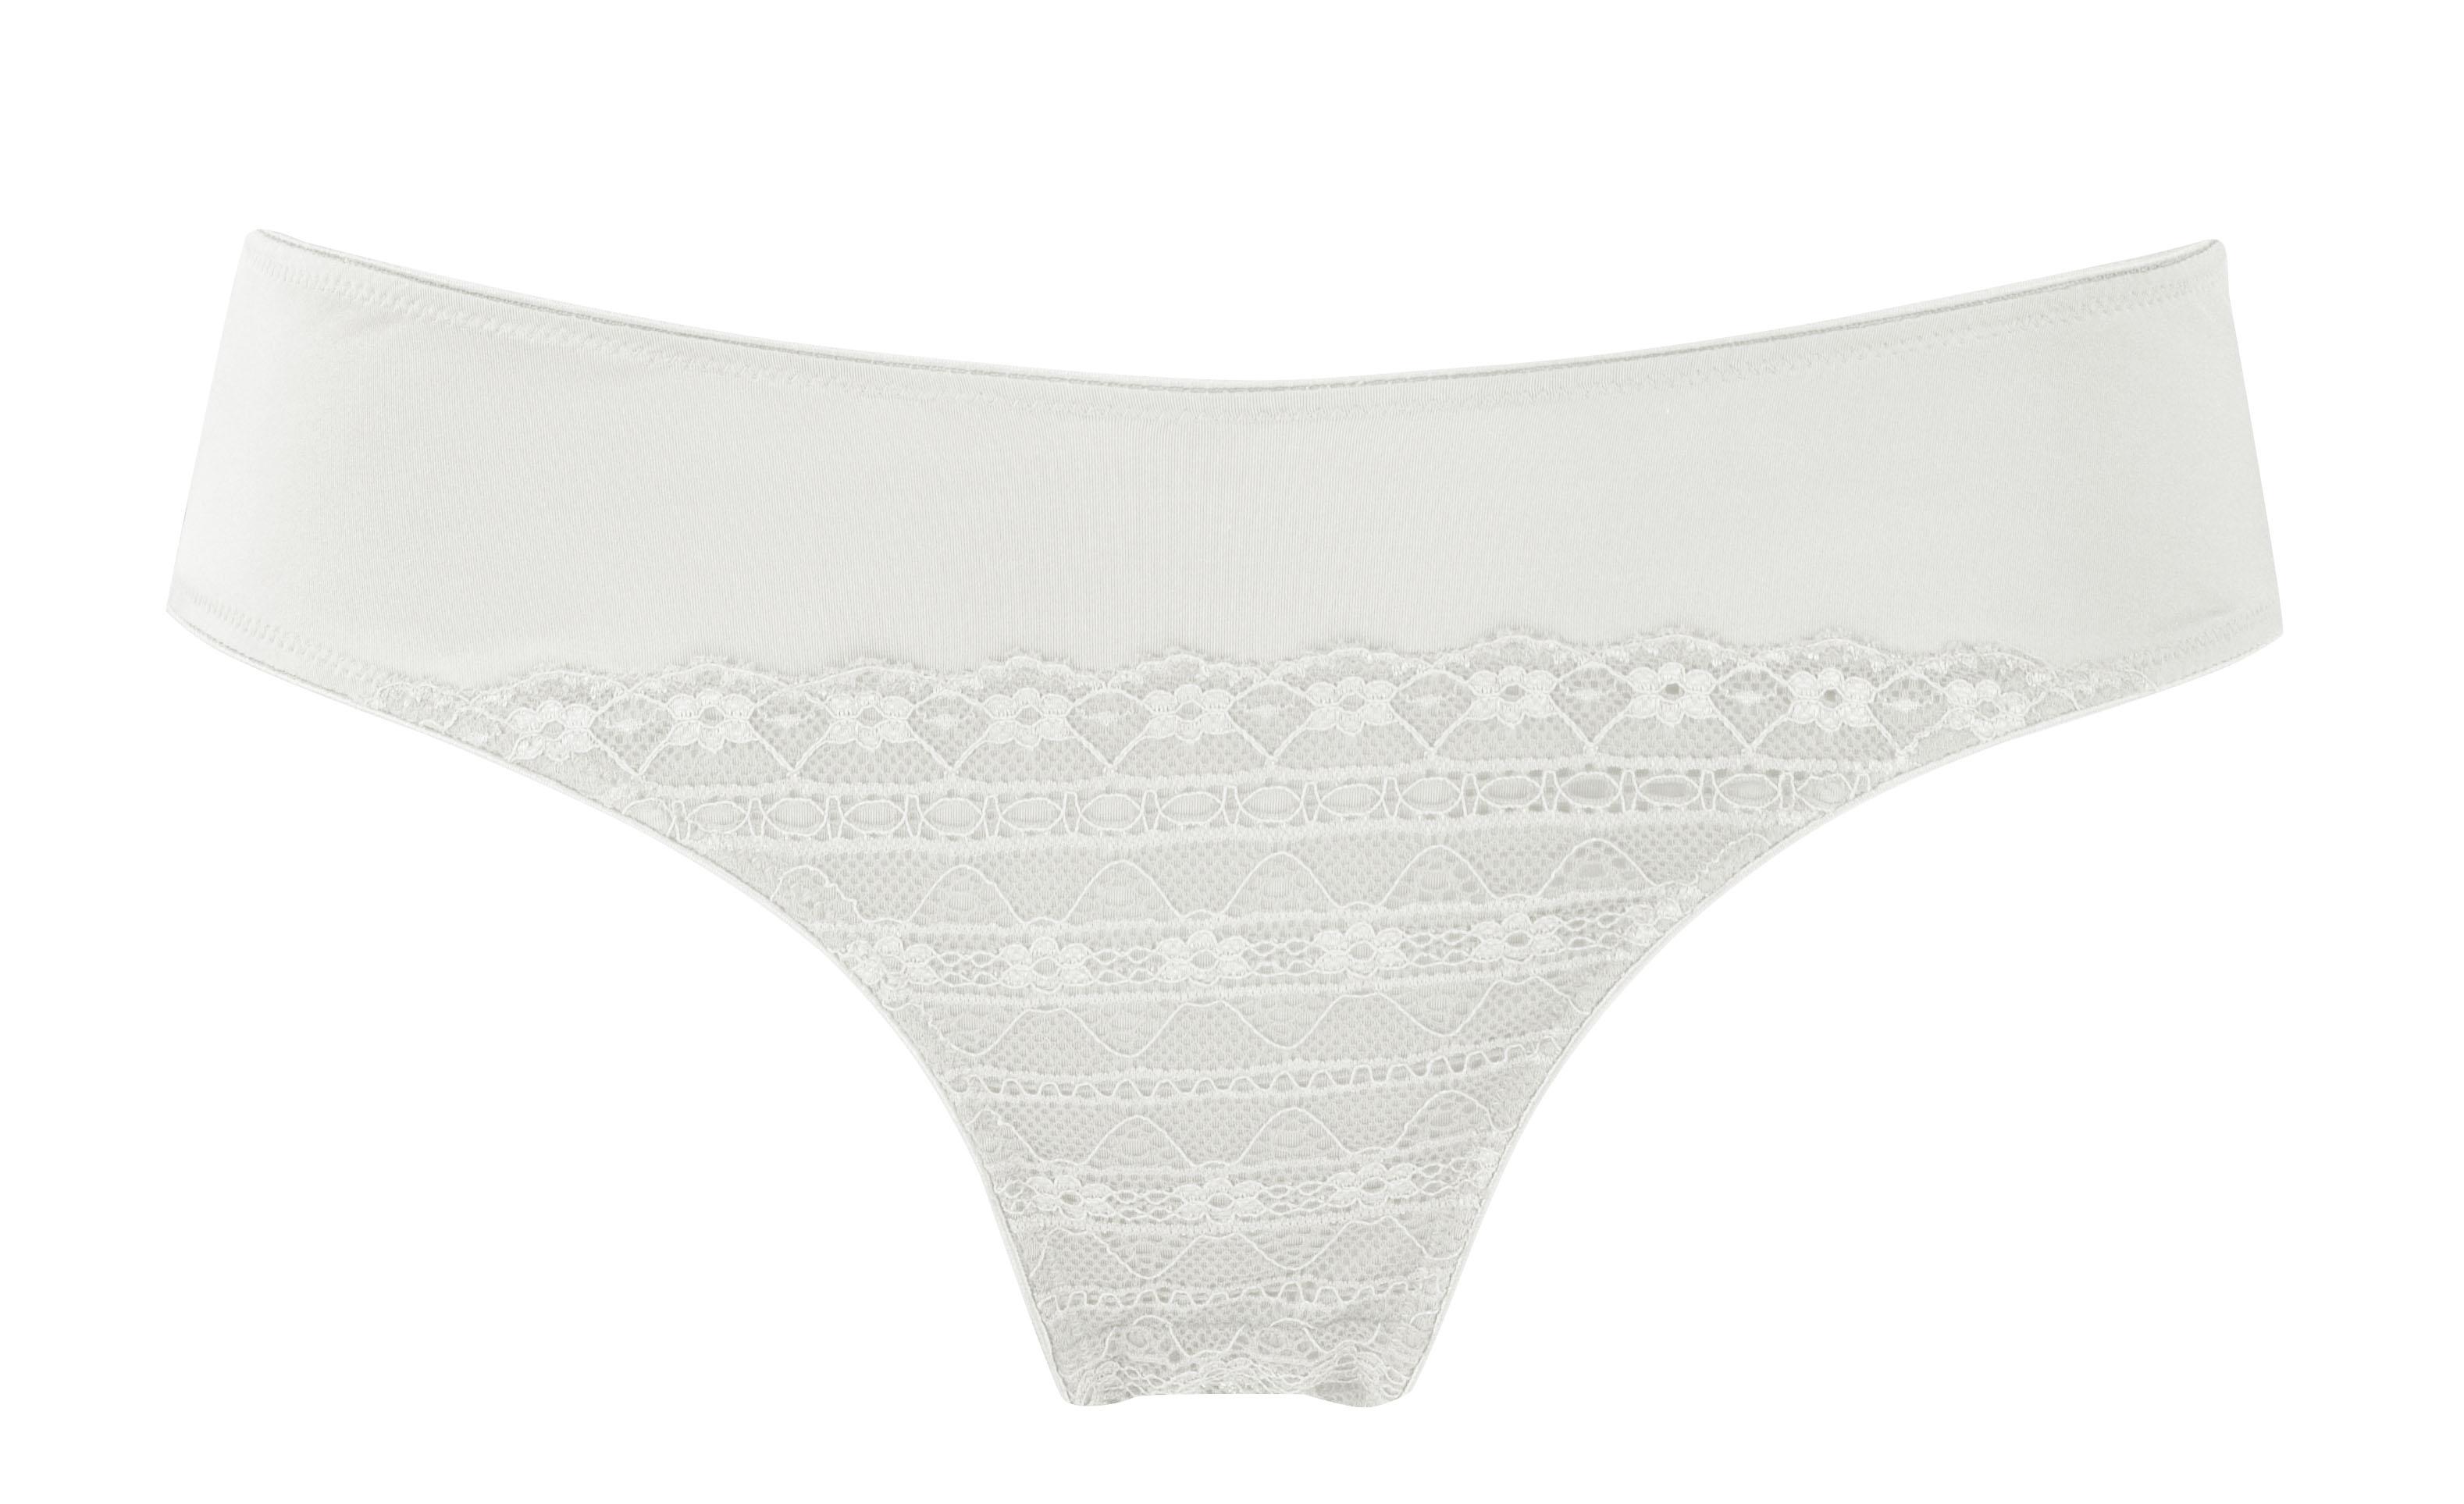 021-B05-03 | lace brief | white